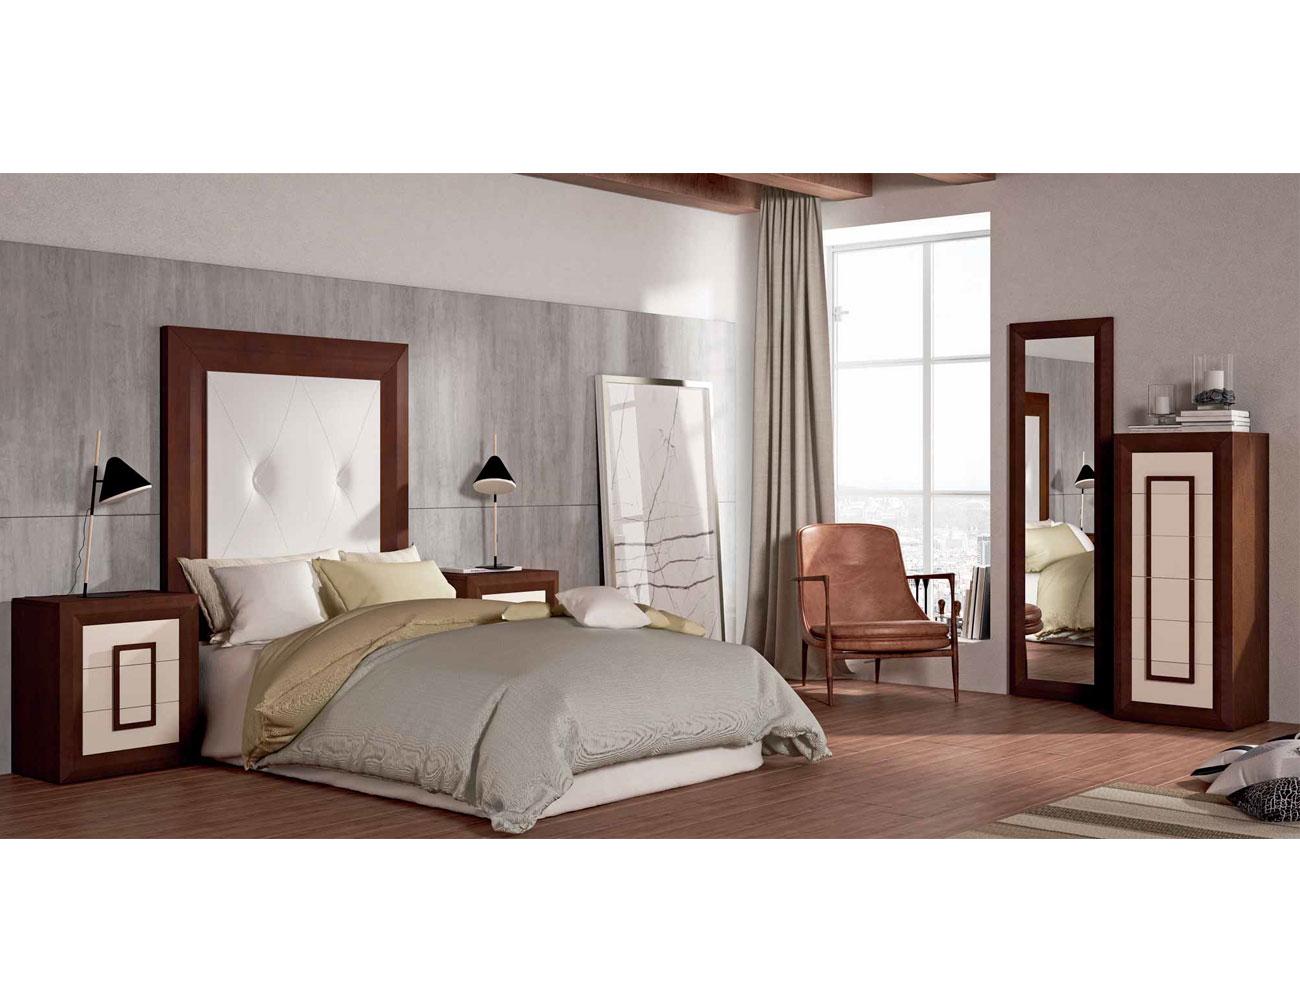 Dormitorio matrimonio cabecero tapizado sinfonier nogal1